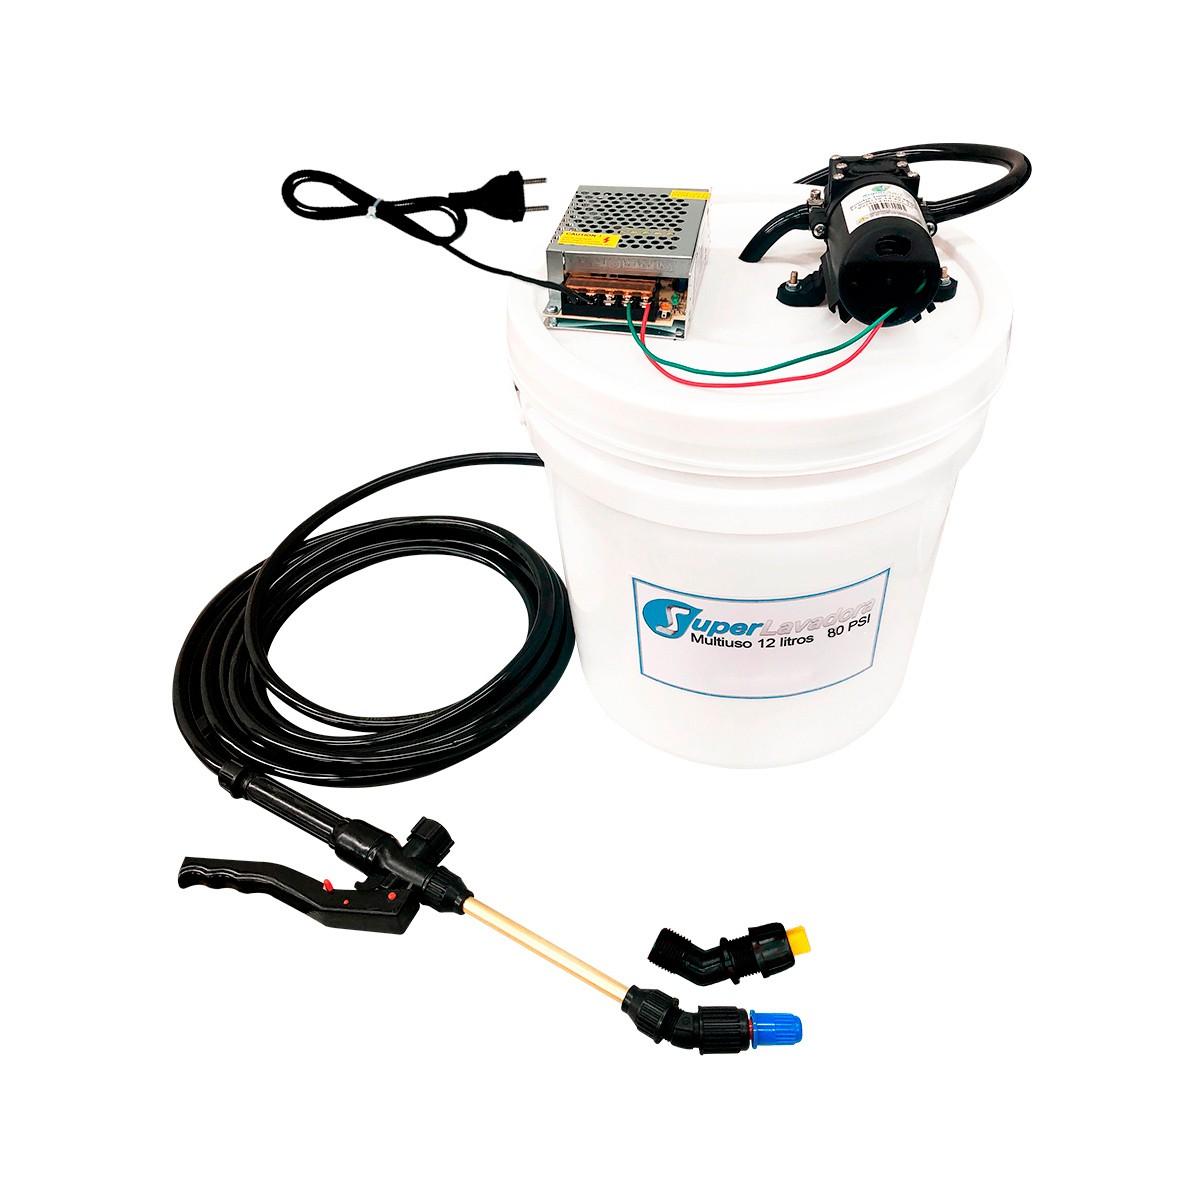 Lavadora Elétrica 12L 80PSI Carrinho + Bolsa Coletora até 12000 + Balde de Plástico com Tampa 12 Litros